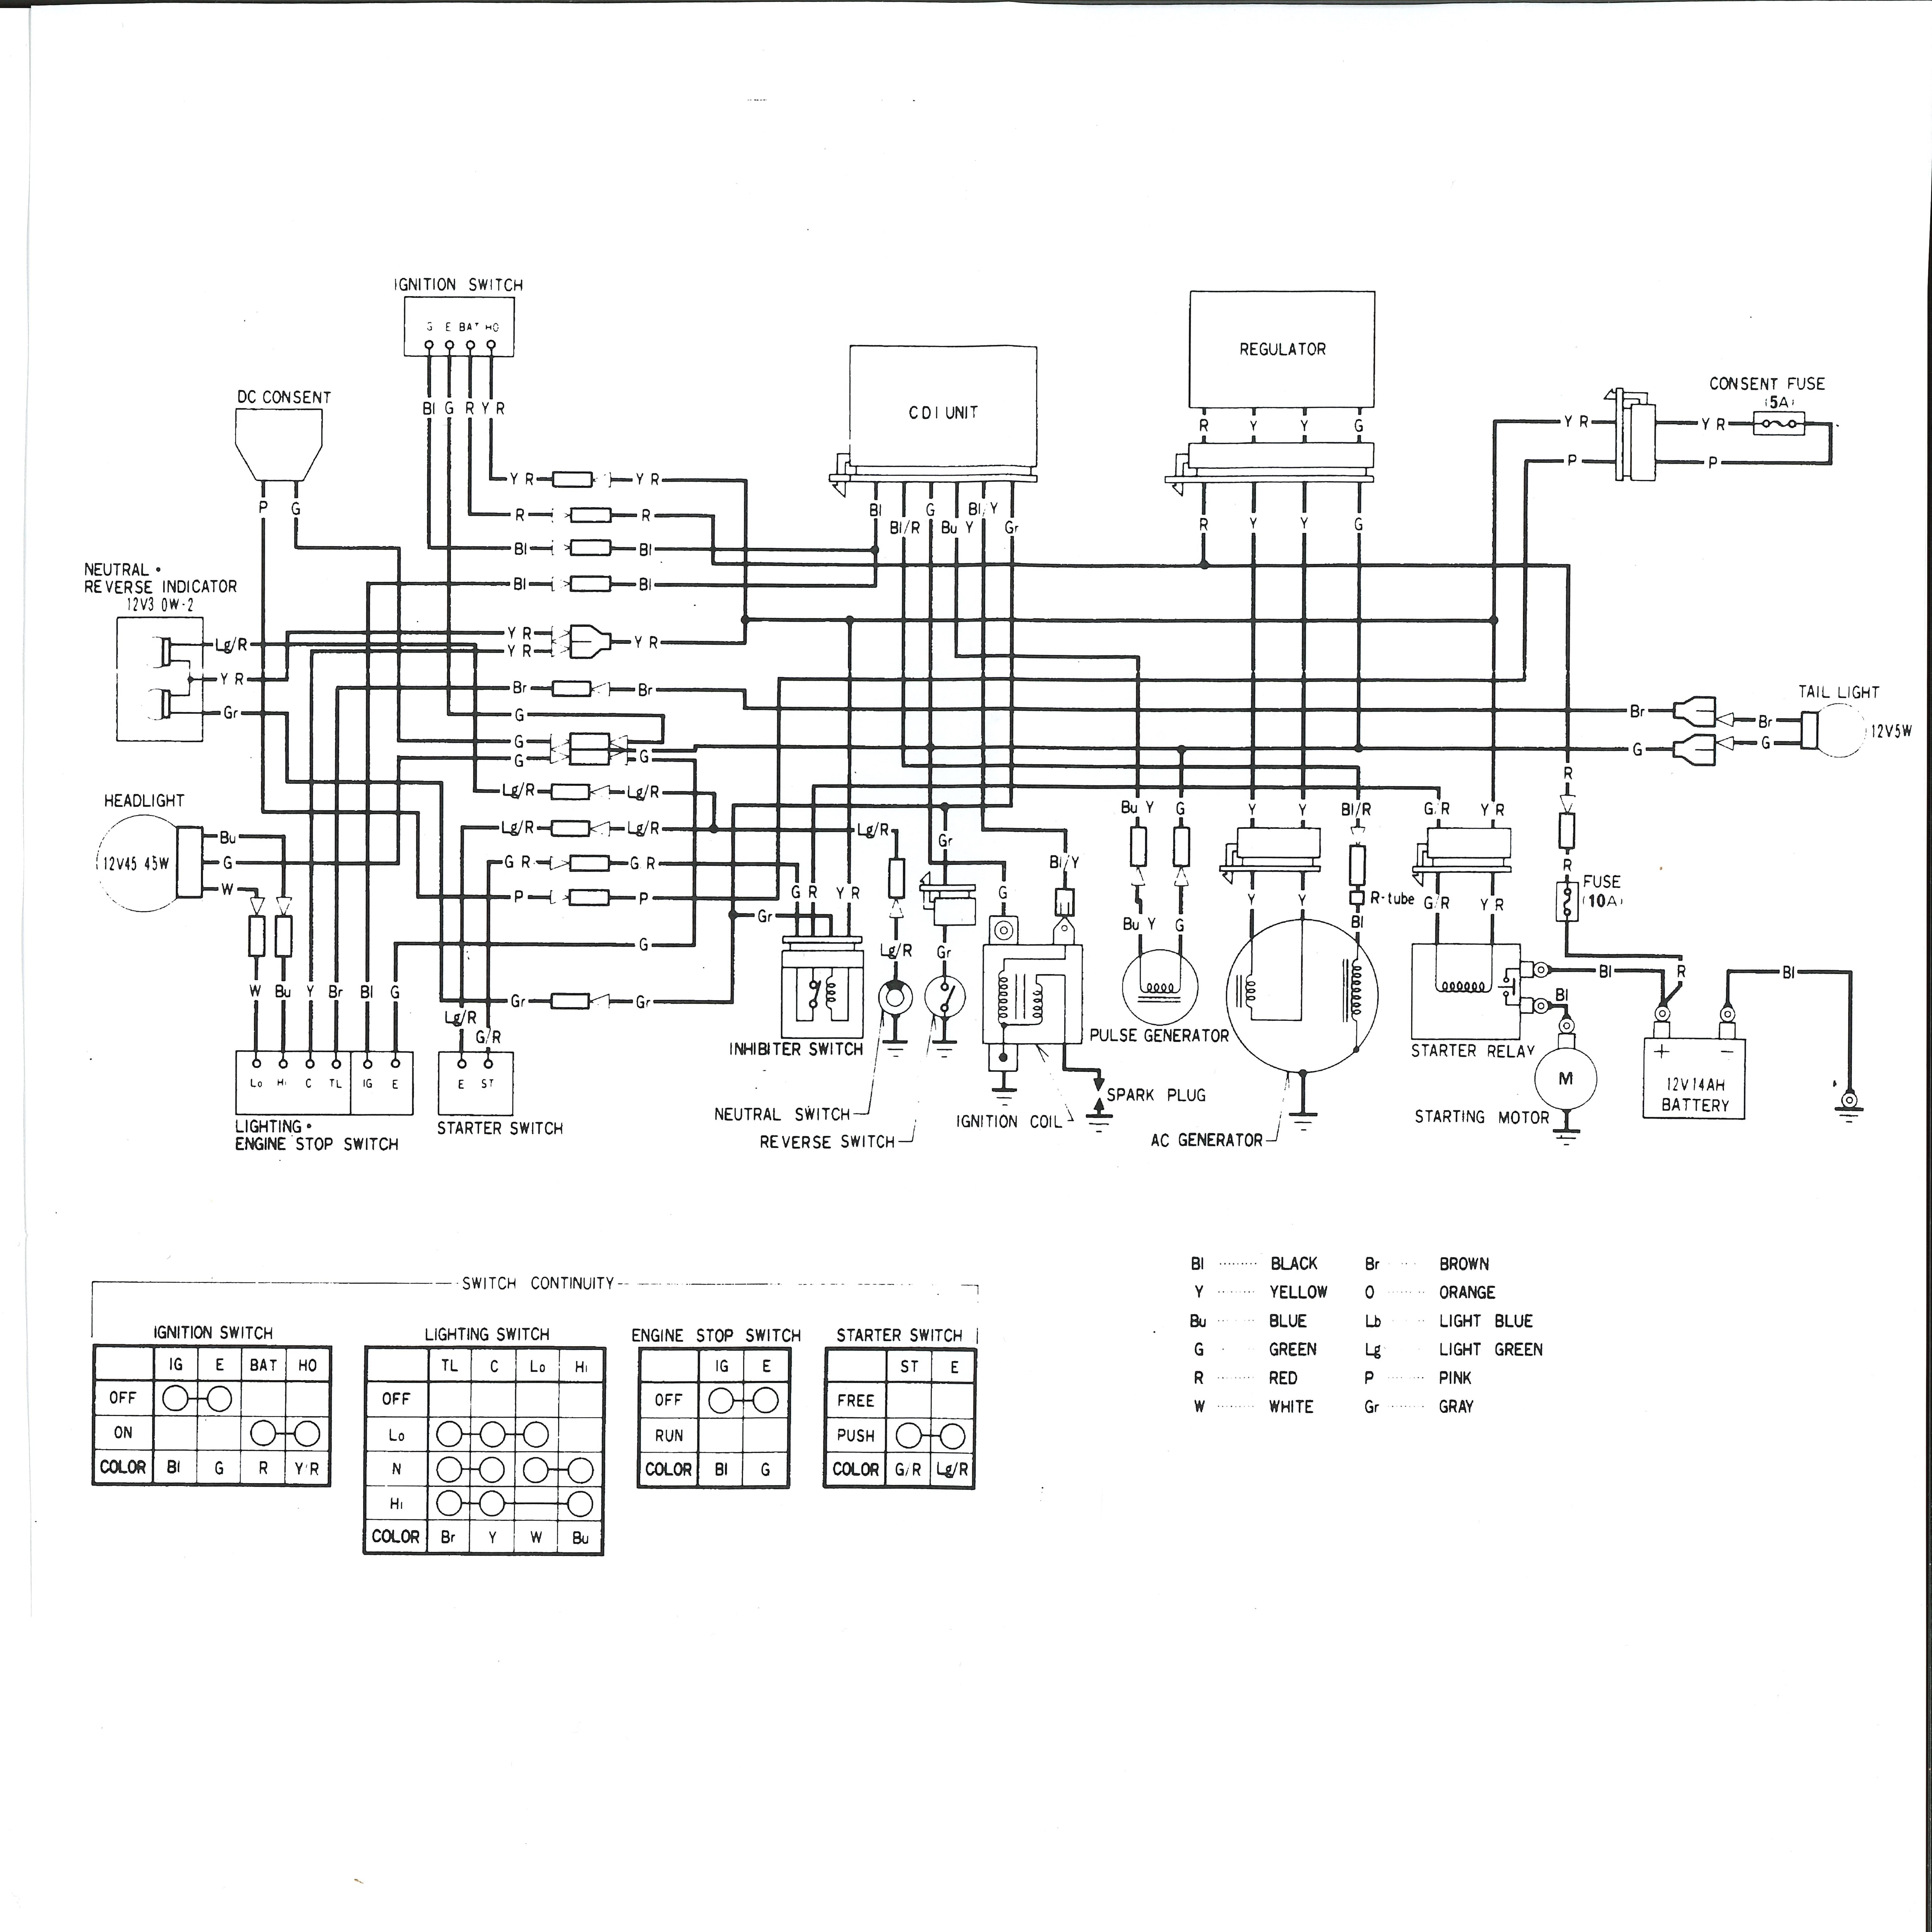 200x engine diagram